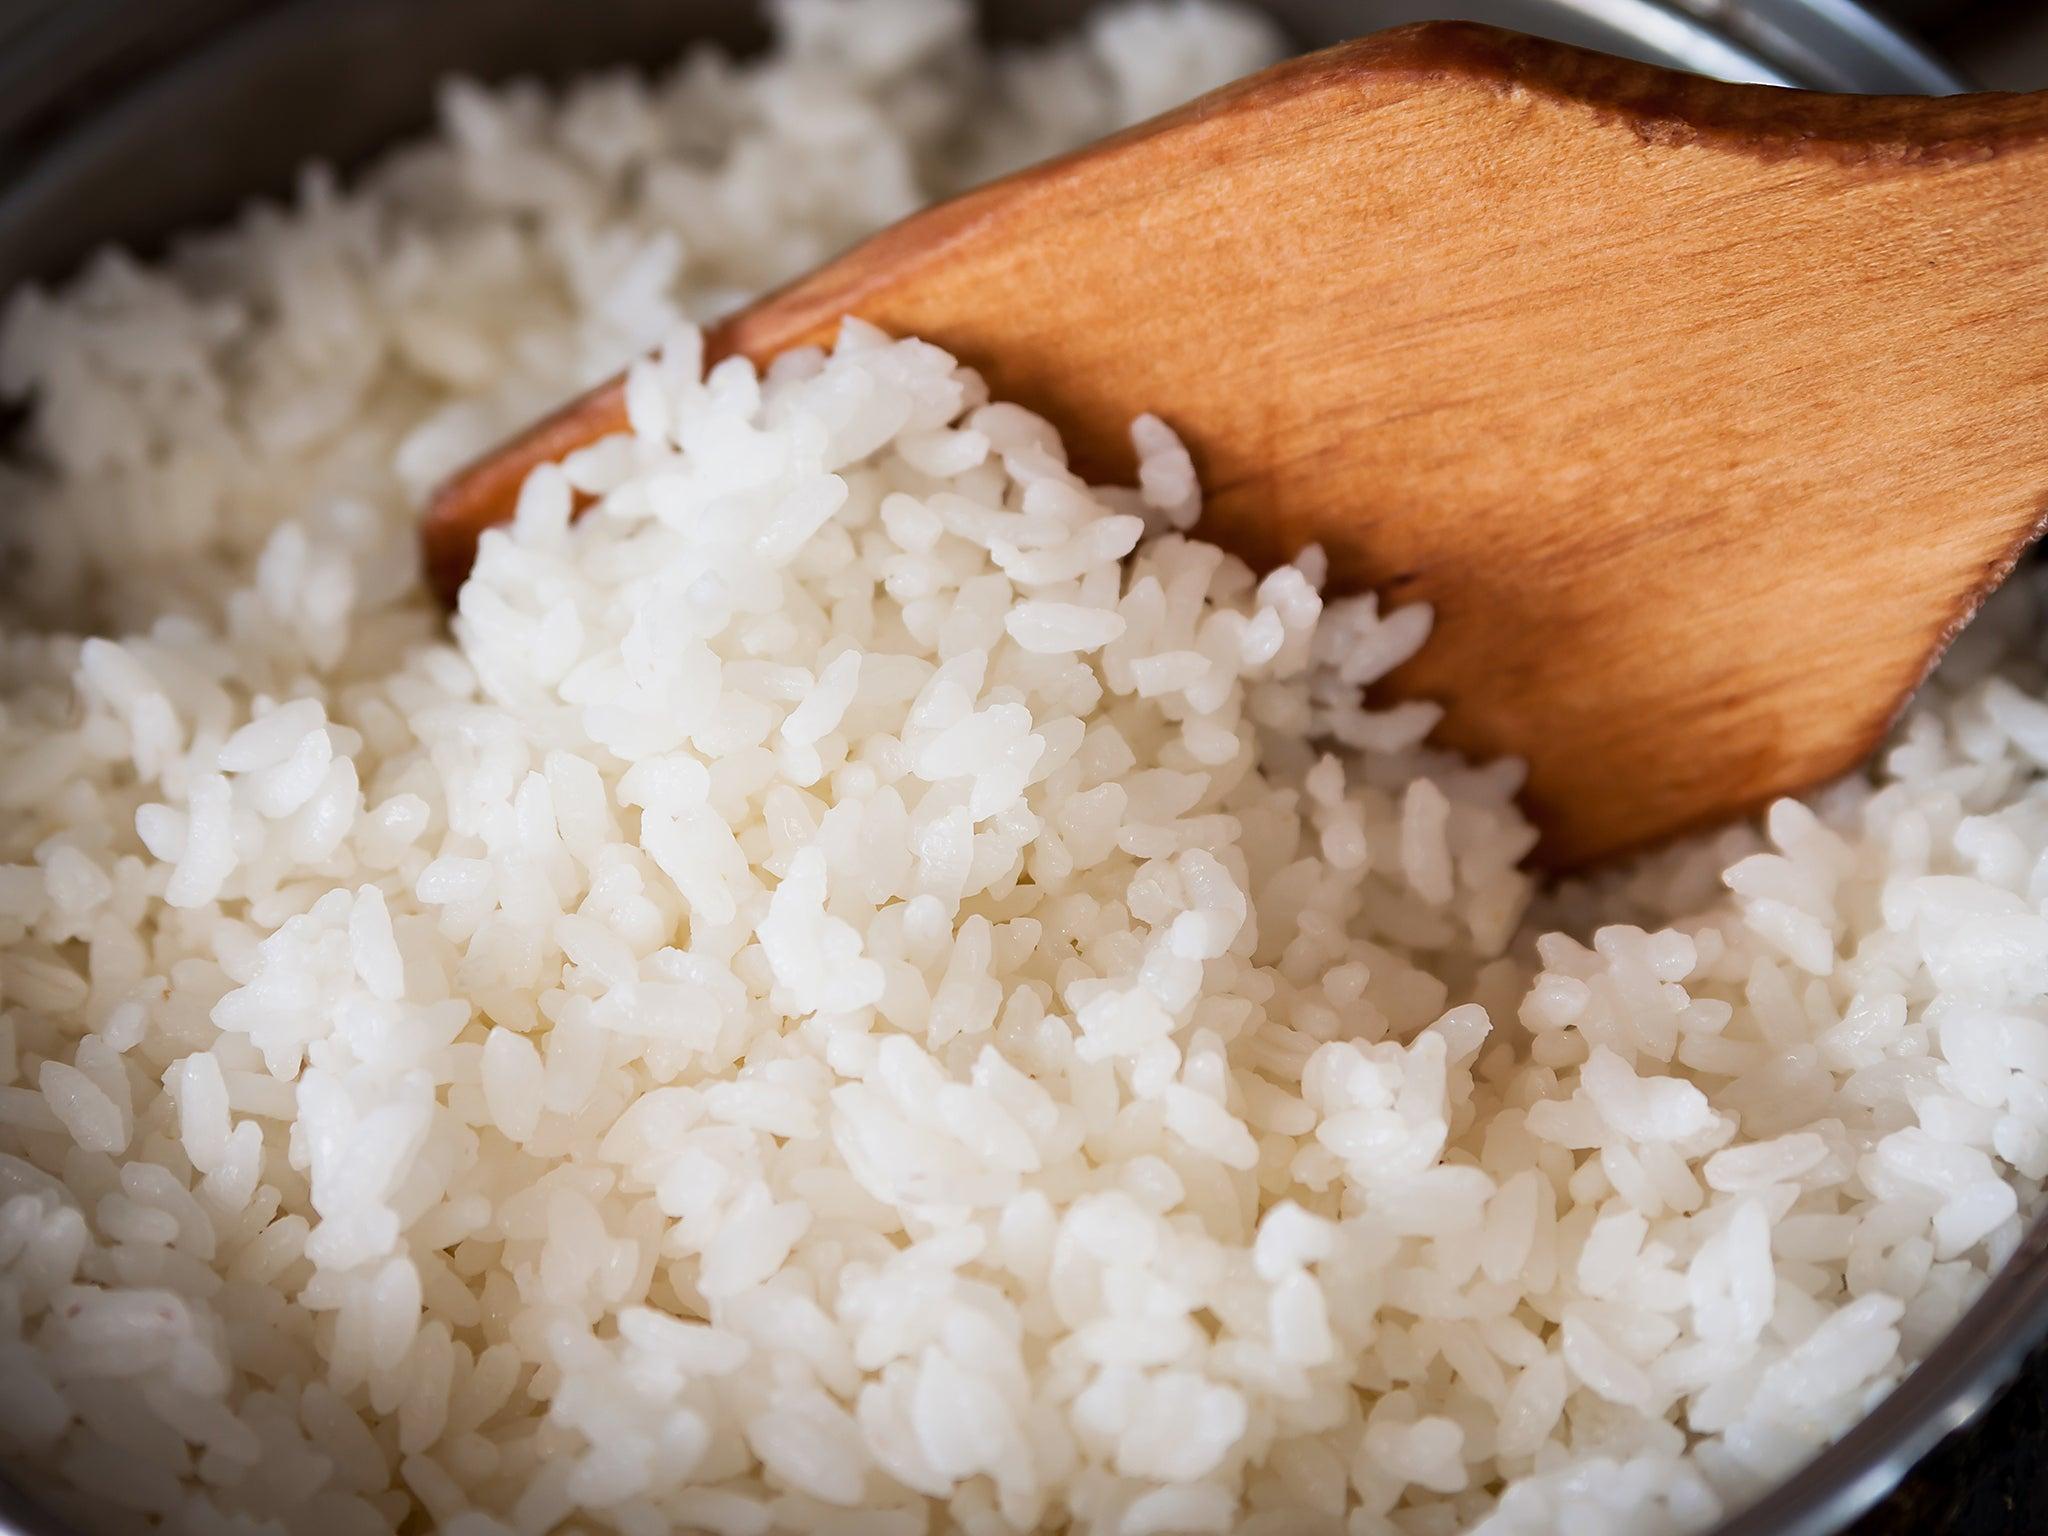 Awas, Nasi Yang Dipanaskan Berulang Kali Boleh Jadi Punca Keracunan Makanan